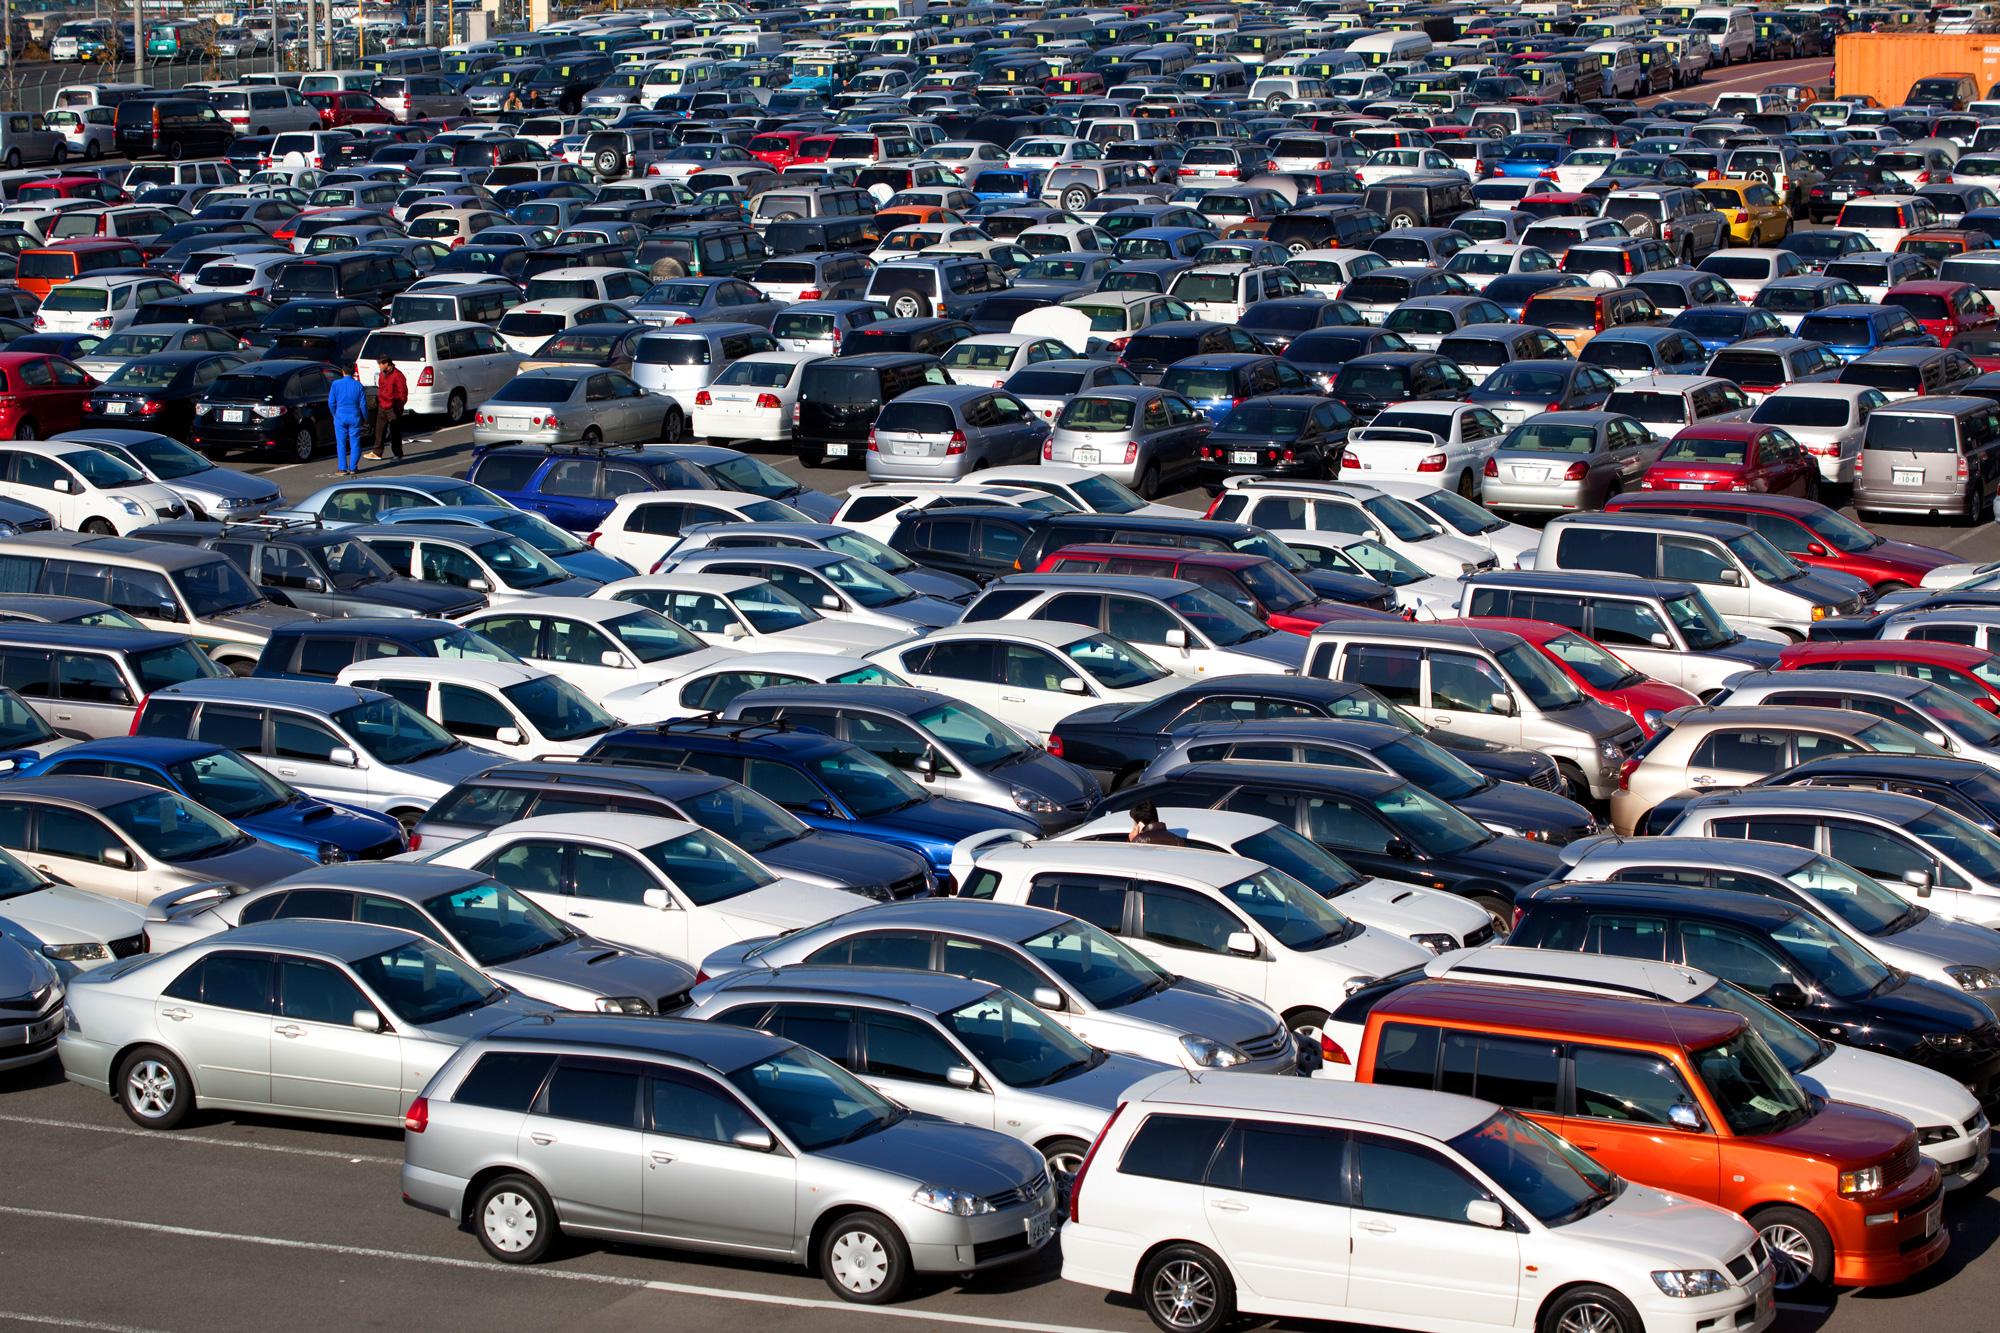 картинки продающихся машины уже